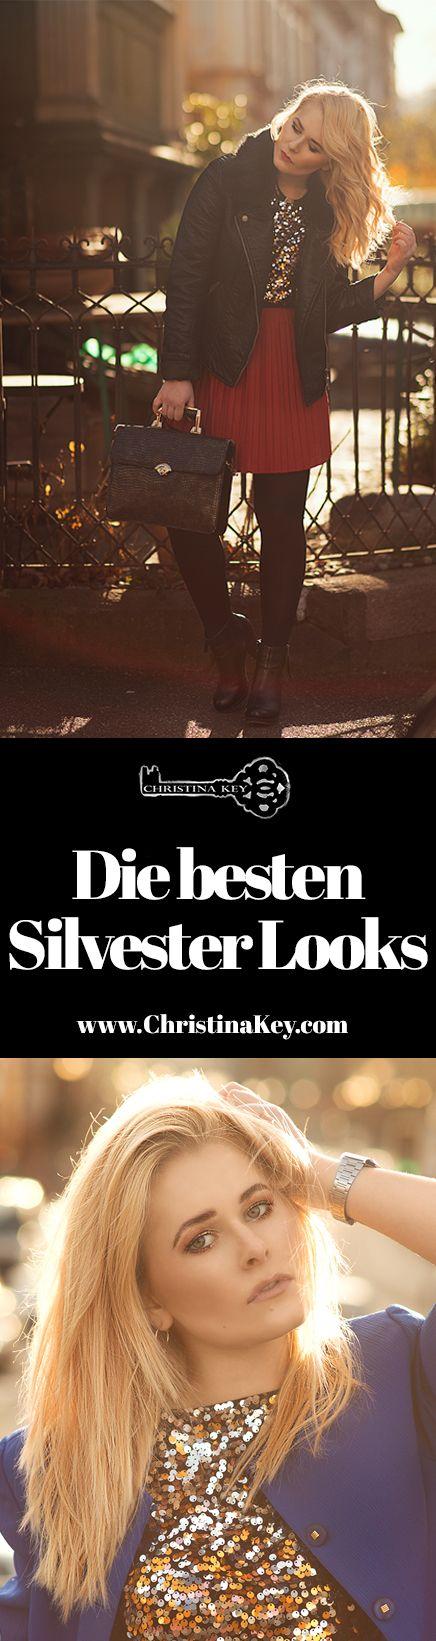 Outfit Inspiration für Damen - Die Schönsten Outfits für Silvester und Weihnachten! Die perfekten Looks für alle Mode Fans! Jetzt entdecken auf CHRISTINA KEY - dem Fotografie, Blogger Tipps, Rezepte, Mode und DIY Blog aus Berlin, Deutschland